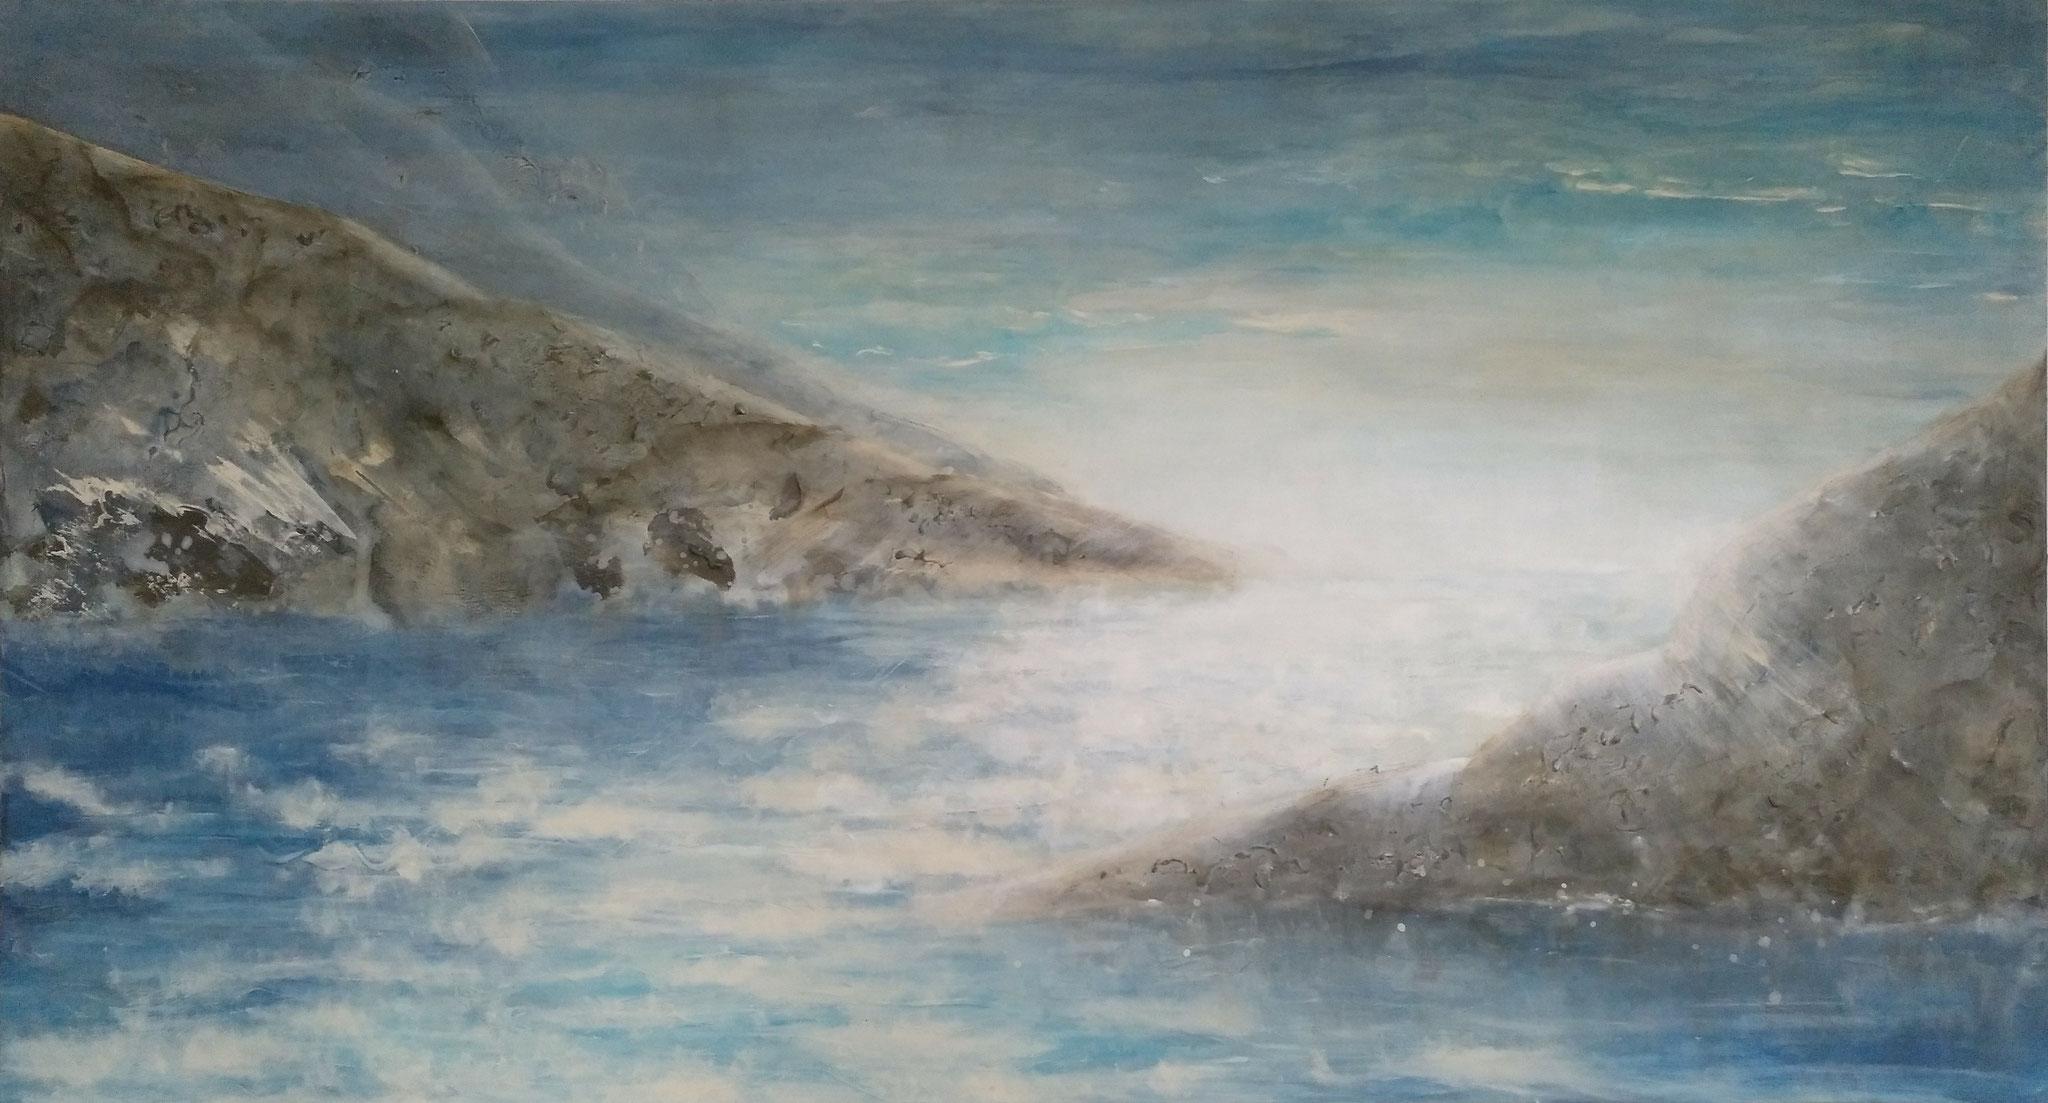 Wolken, Licht und Meer - 76 x 140 - Acryl auf Leinwand - Auftragswerk, verkauft